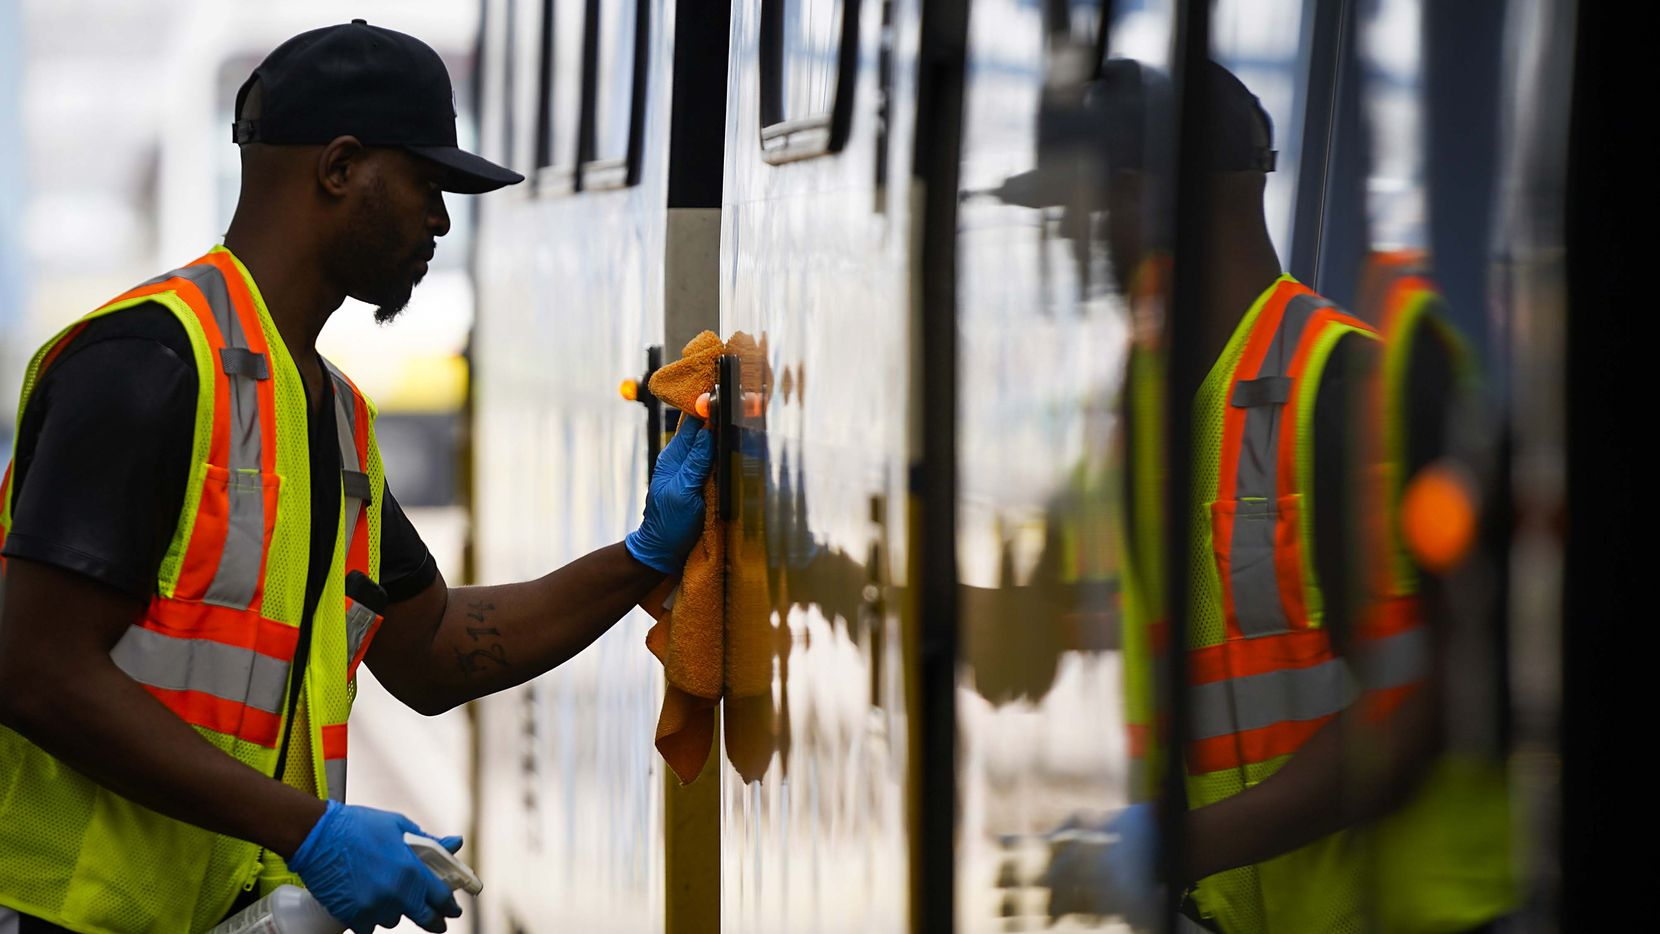 Michael Beck limpia uno de los vagones de un tren de DART con desinfectante. DART está tomando varias medidas, incluido el cierre de centros de tránsito, para prevenit la propagación del coronavirus.=